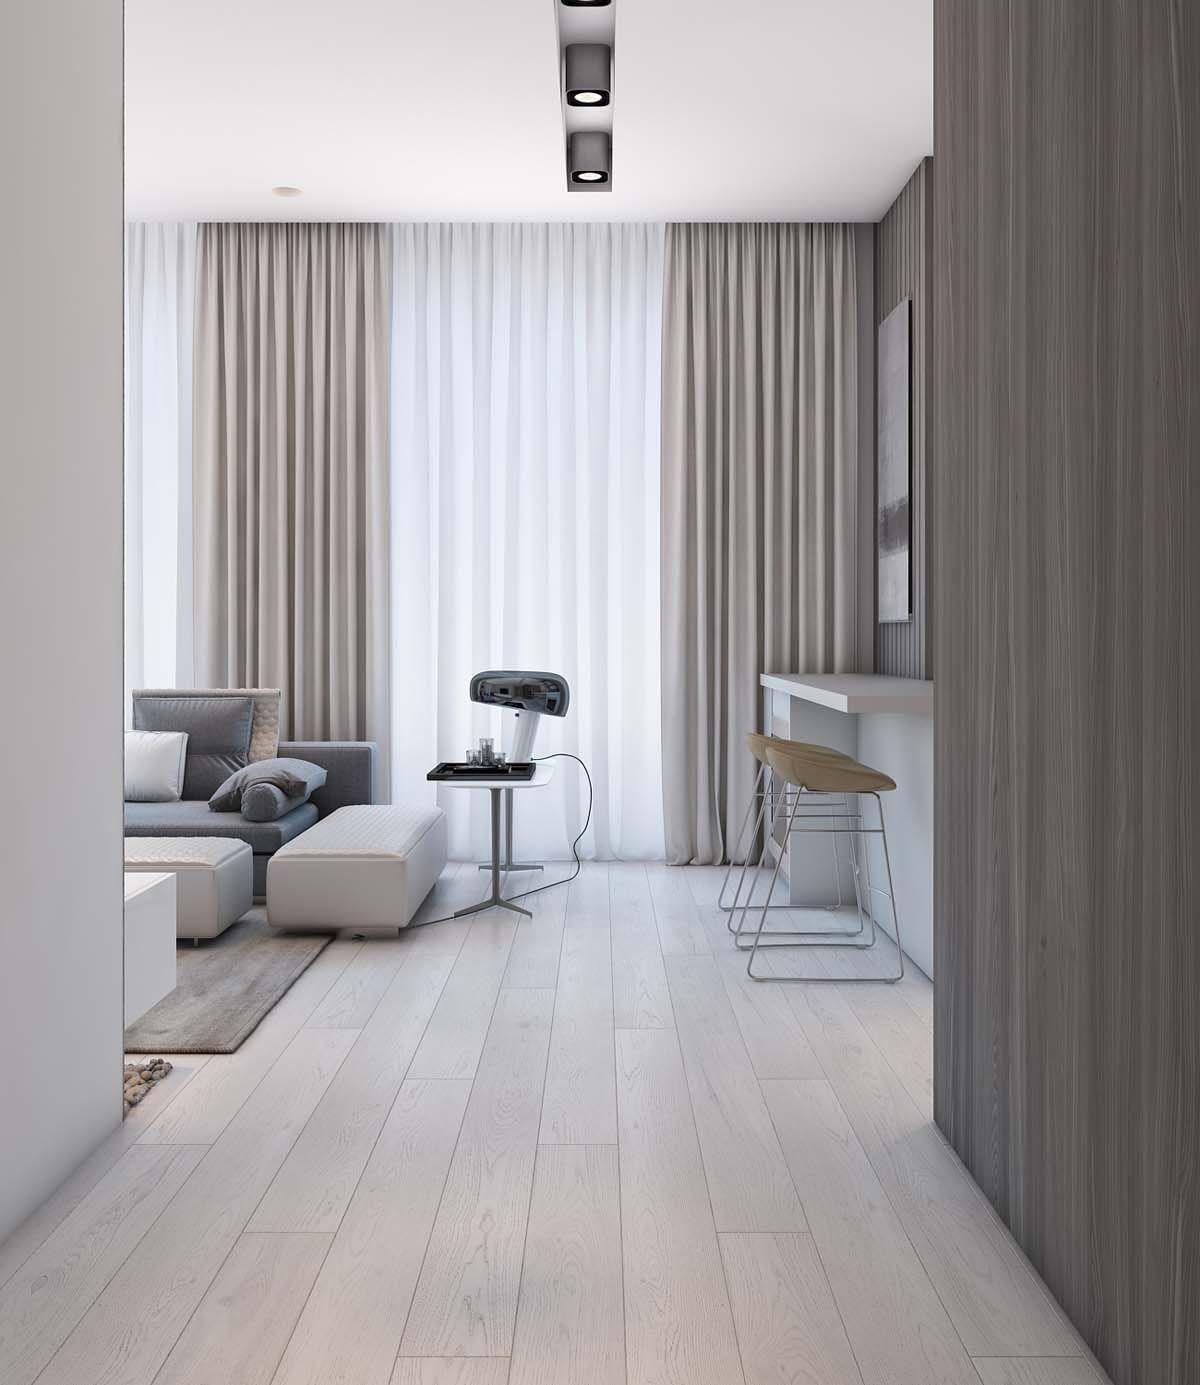 einfache moderne wohnung mit pastellfarben sieht so gem tlich aus wohnung designs pinterest. Black Bedroom Furniture Sets. Home Design Ideas